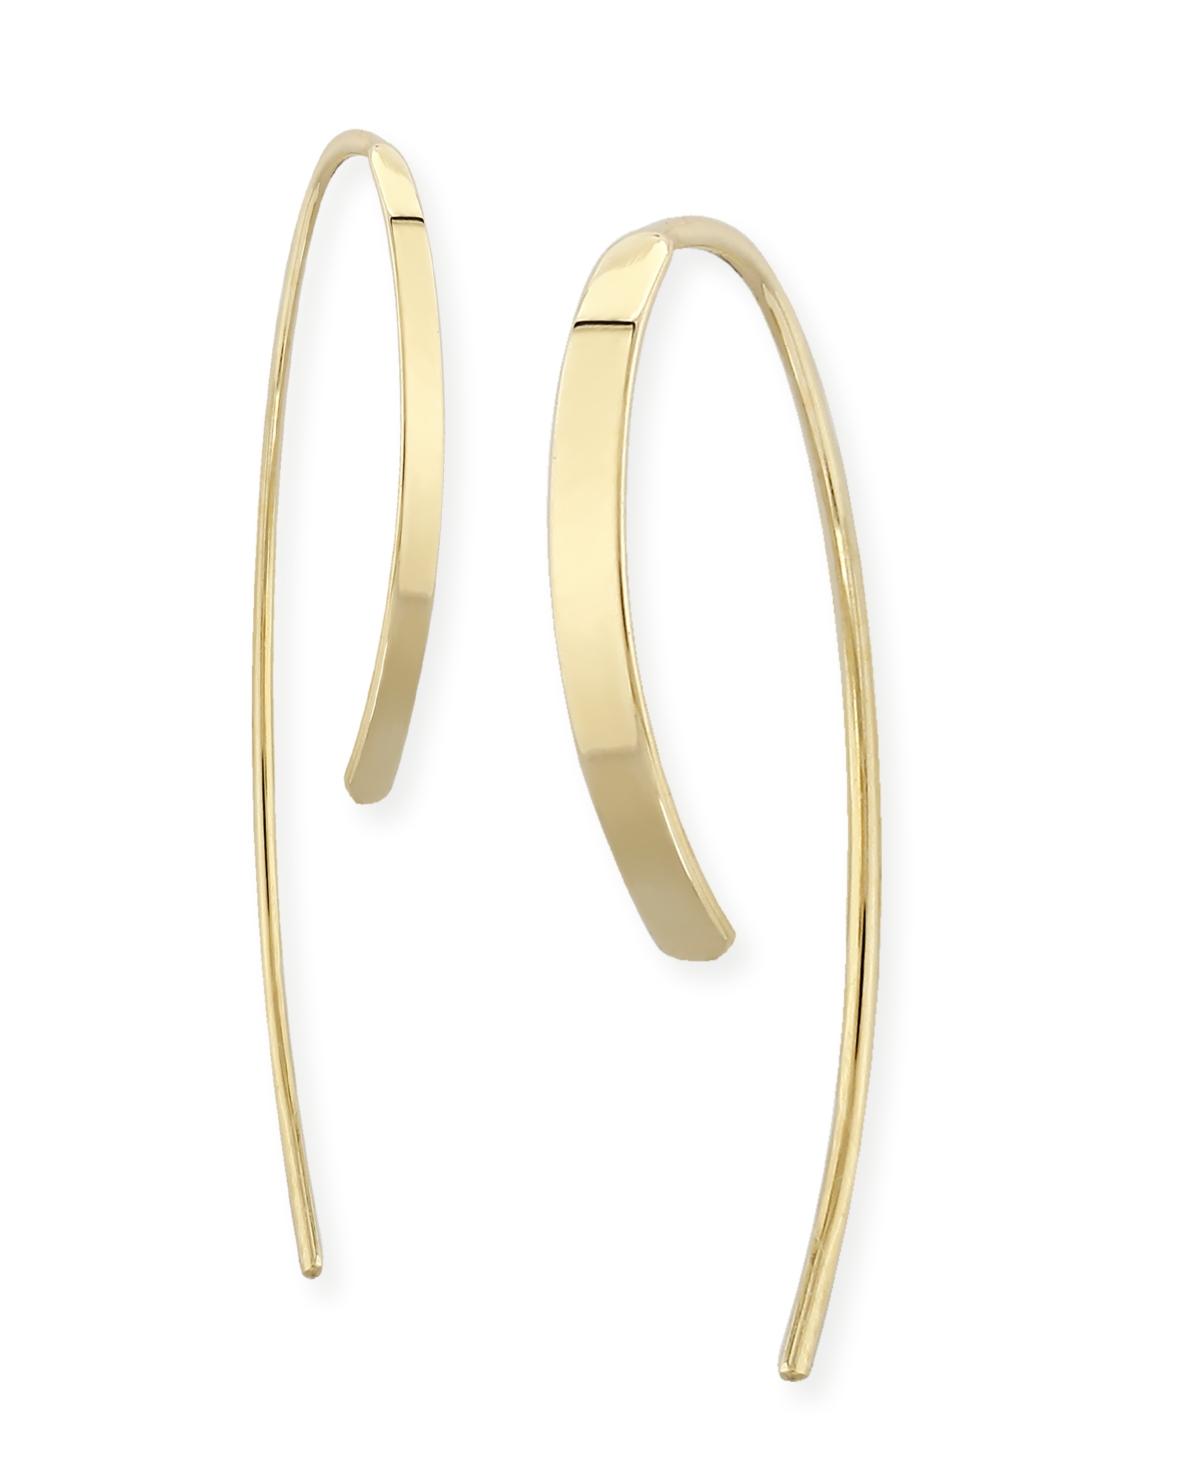 Simple Sweep Drop Earrings Set in 14k Gold